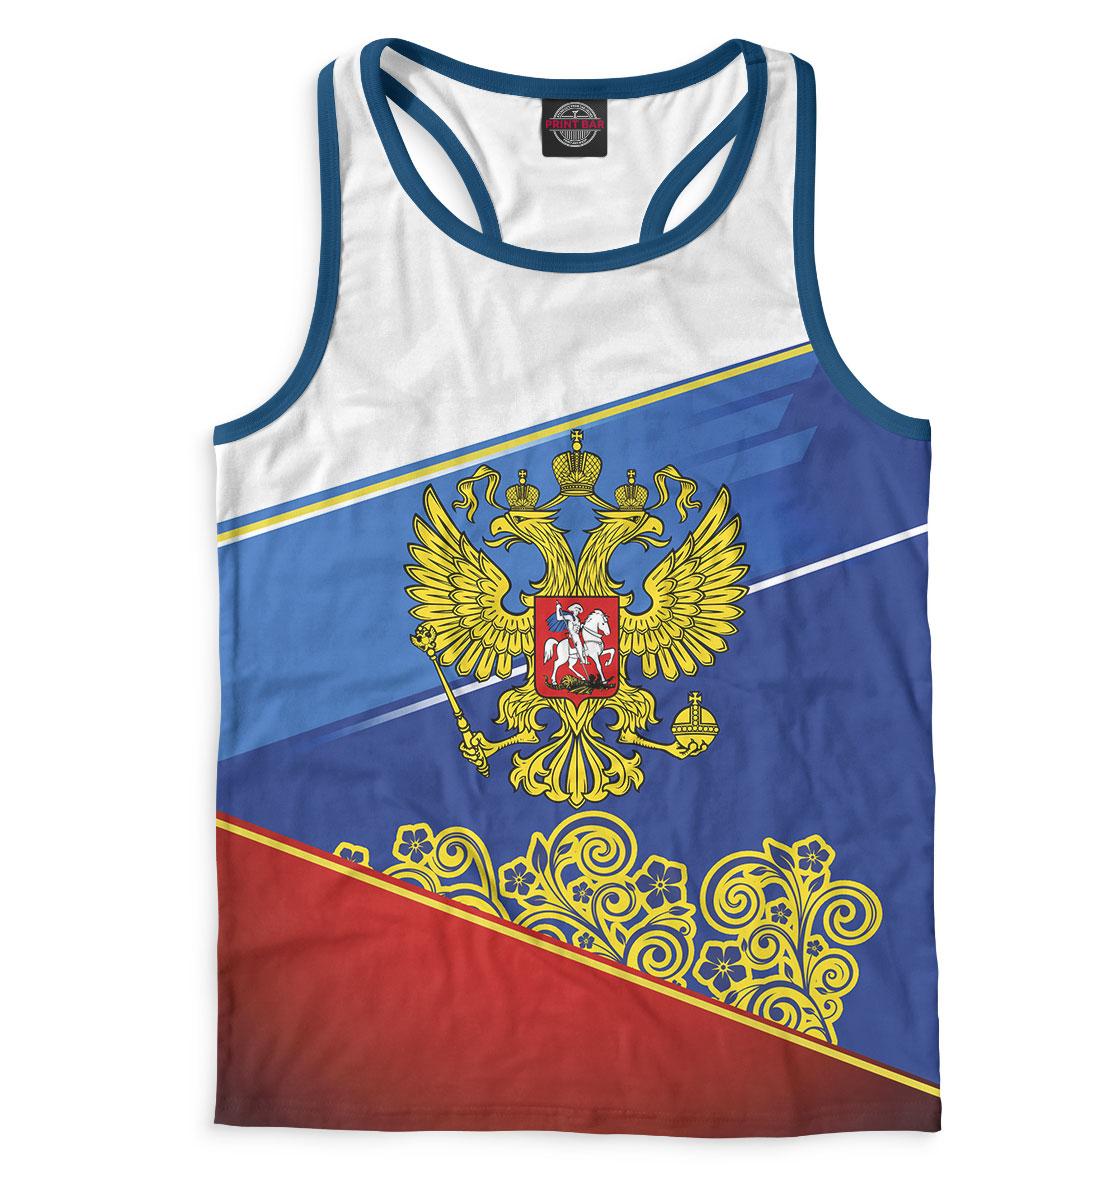 Купить Сборная России, Printbar, Майки борцовки, FRF-990831-mayb-2